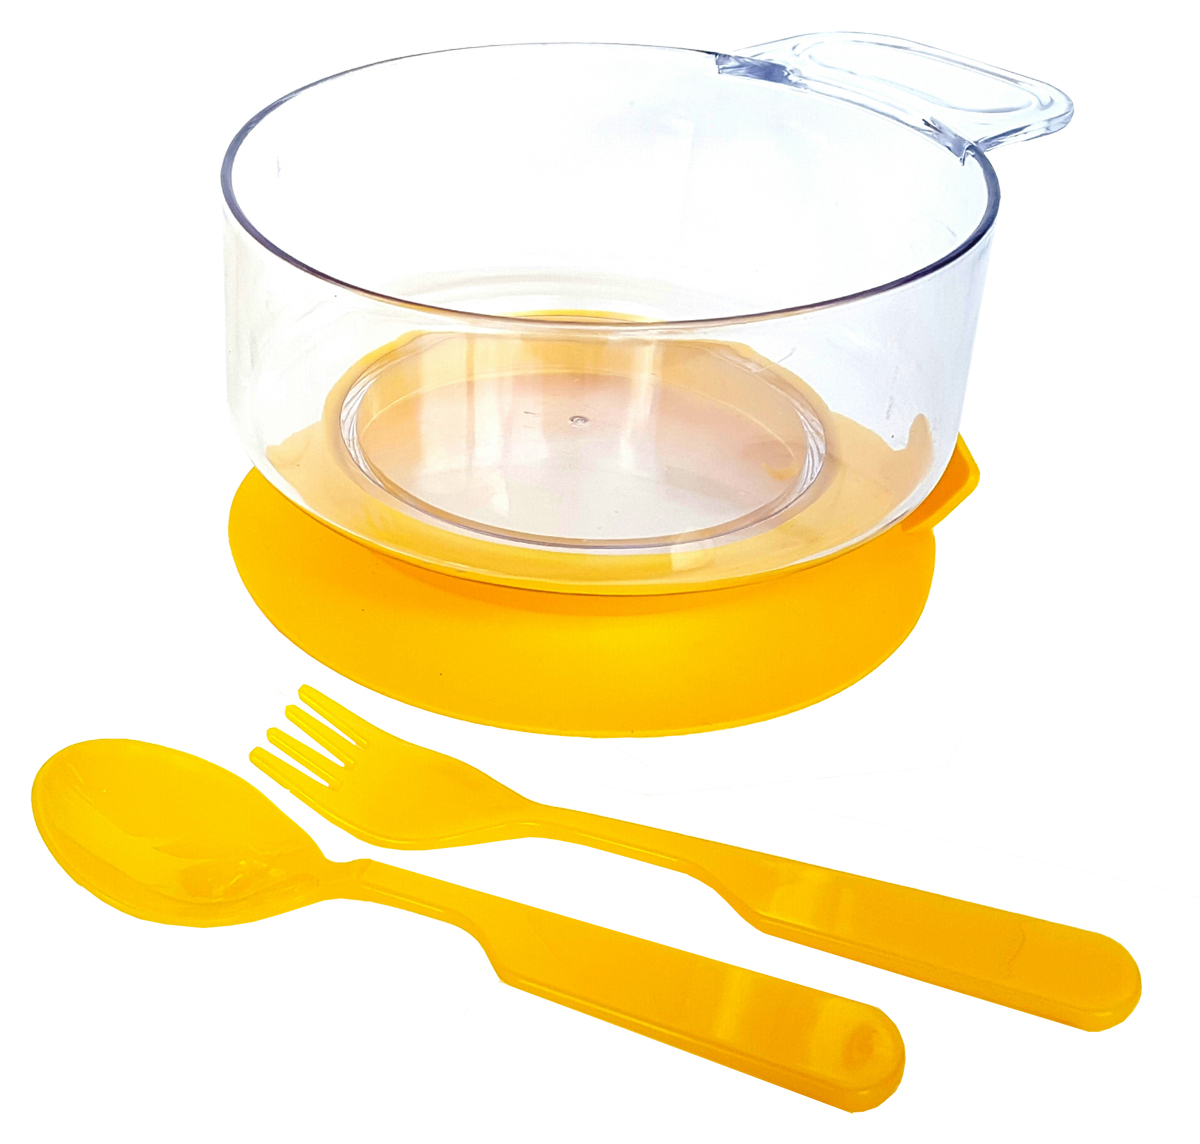 Набор детской посуды цвет желтый 3 предмета 12131213желтНабор посуды из 3-х предметов, идеальный для начала самостоятельного питания малыша. Произведено в России из безопасного пищевого пластика. Форма изготовлена по лучшим европейским технологиям. Эргономичные и безопасные ложка-вилка. Глубокая тарелка с ручкой на съемной присоске предотвращает скольжение по столу и переворачивание. Яркие цвета и удобная форма обеспечивают удовольствие от кормления. Можно мыть в посудомоечной машине и ставить в СВЧ (снять присоску с тарелки!).